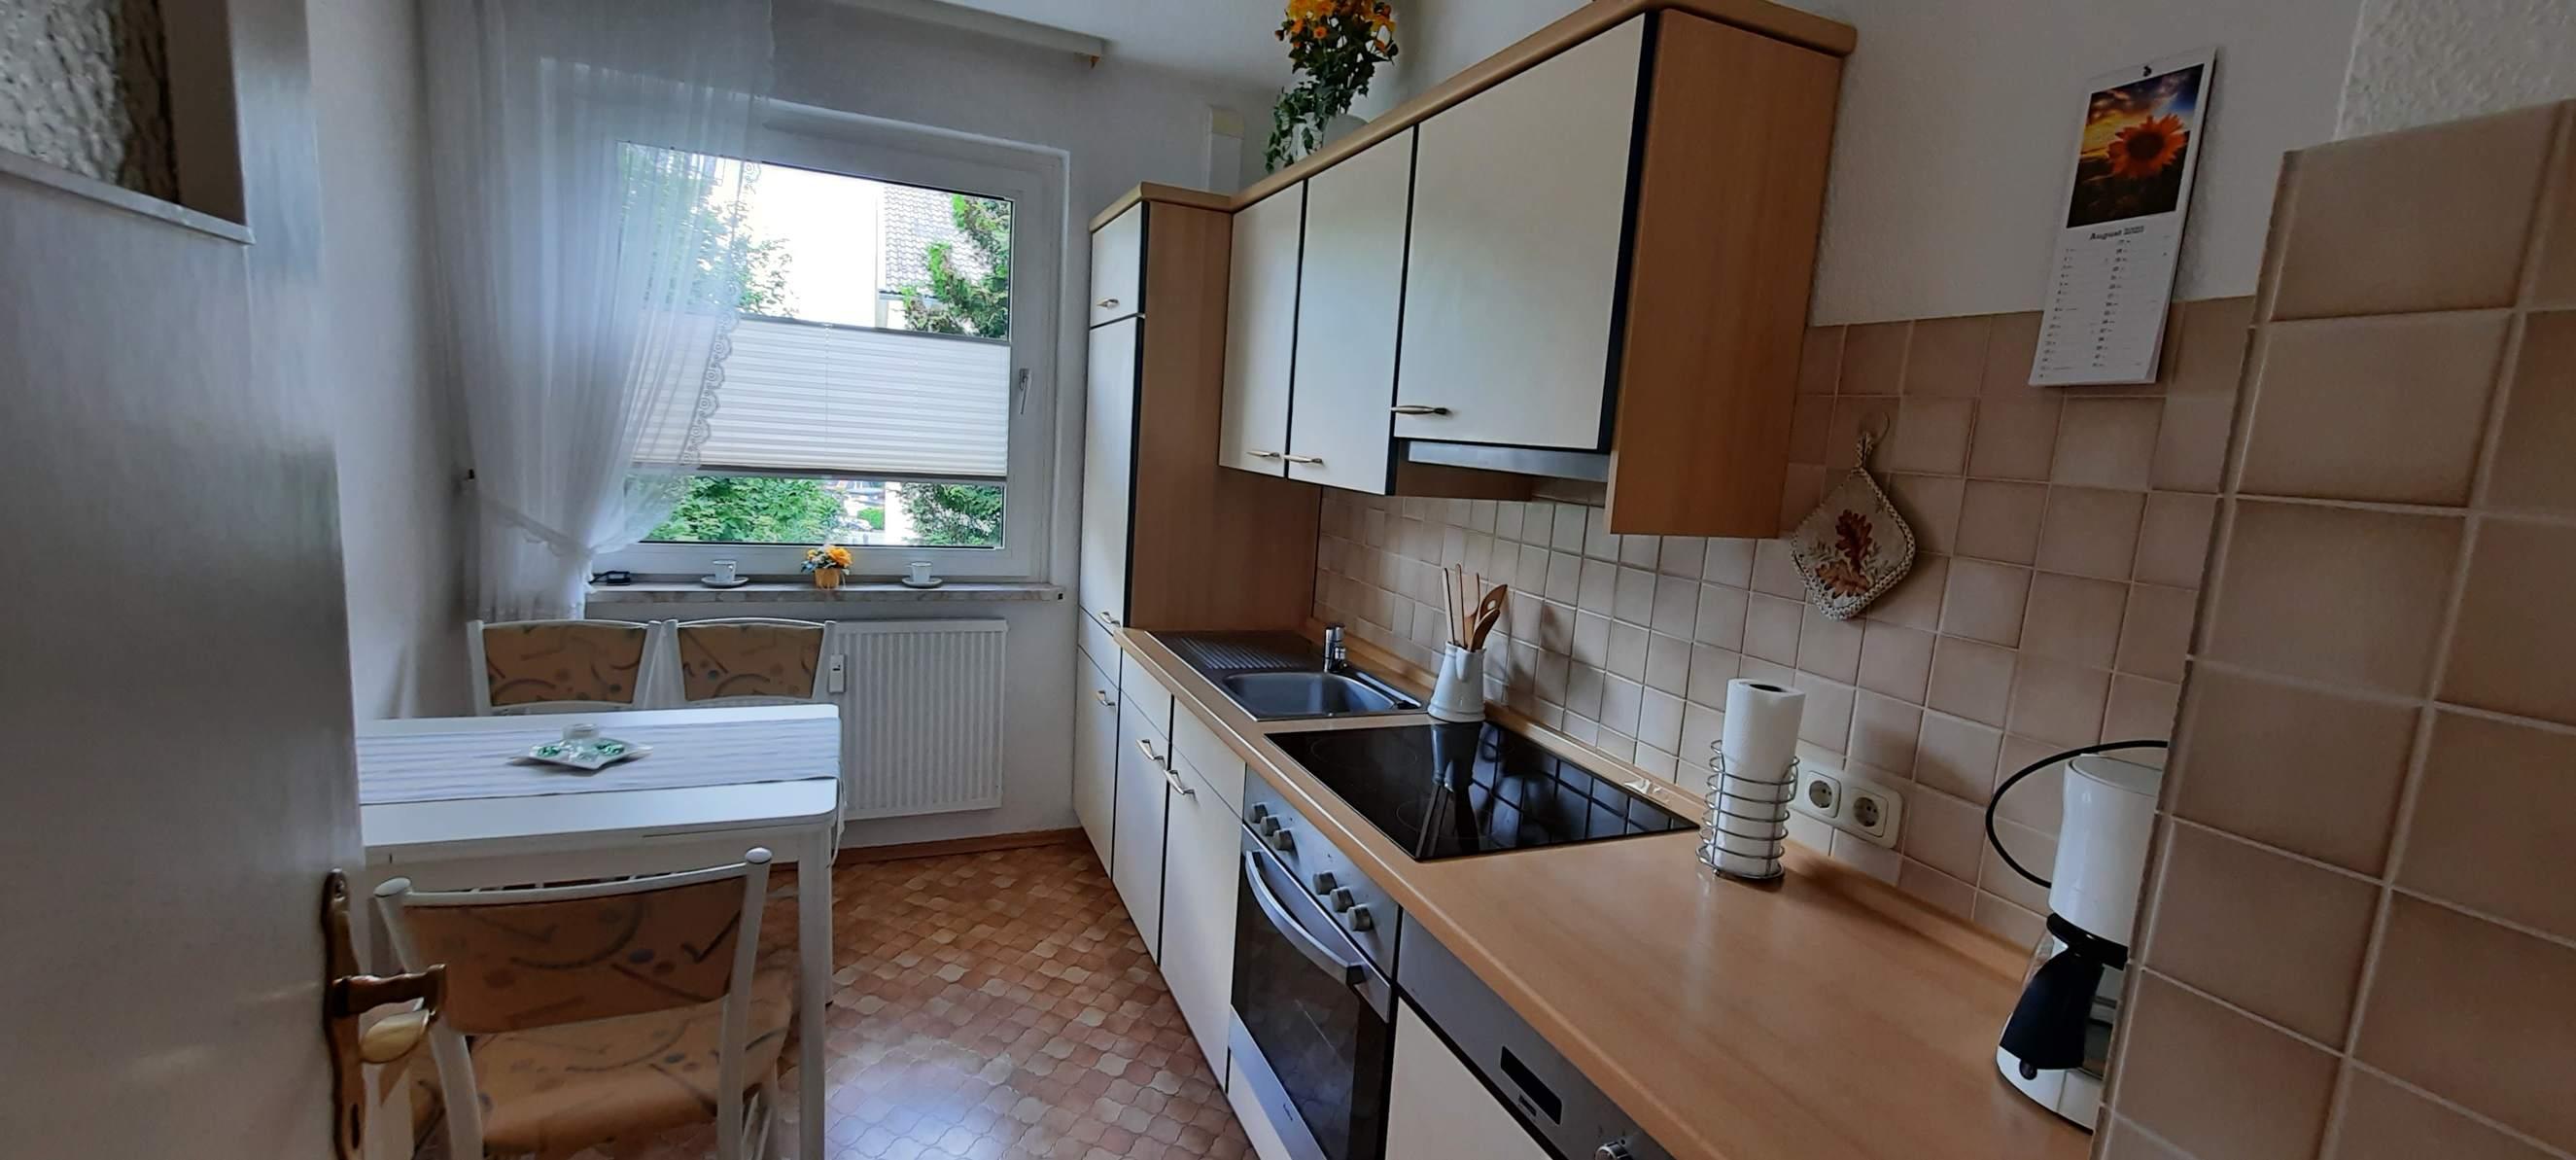 Ferienwohnungen am Birkenweg - Küche